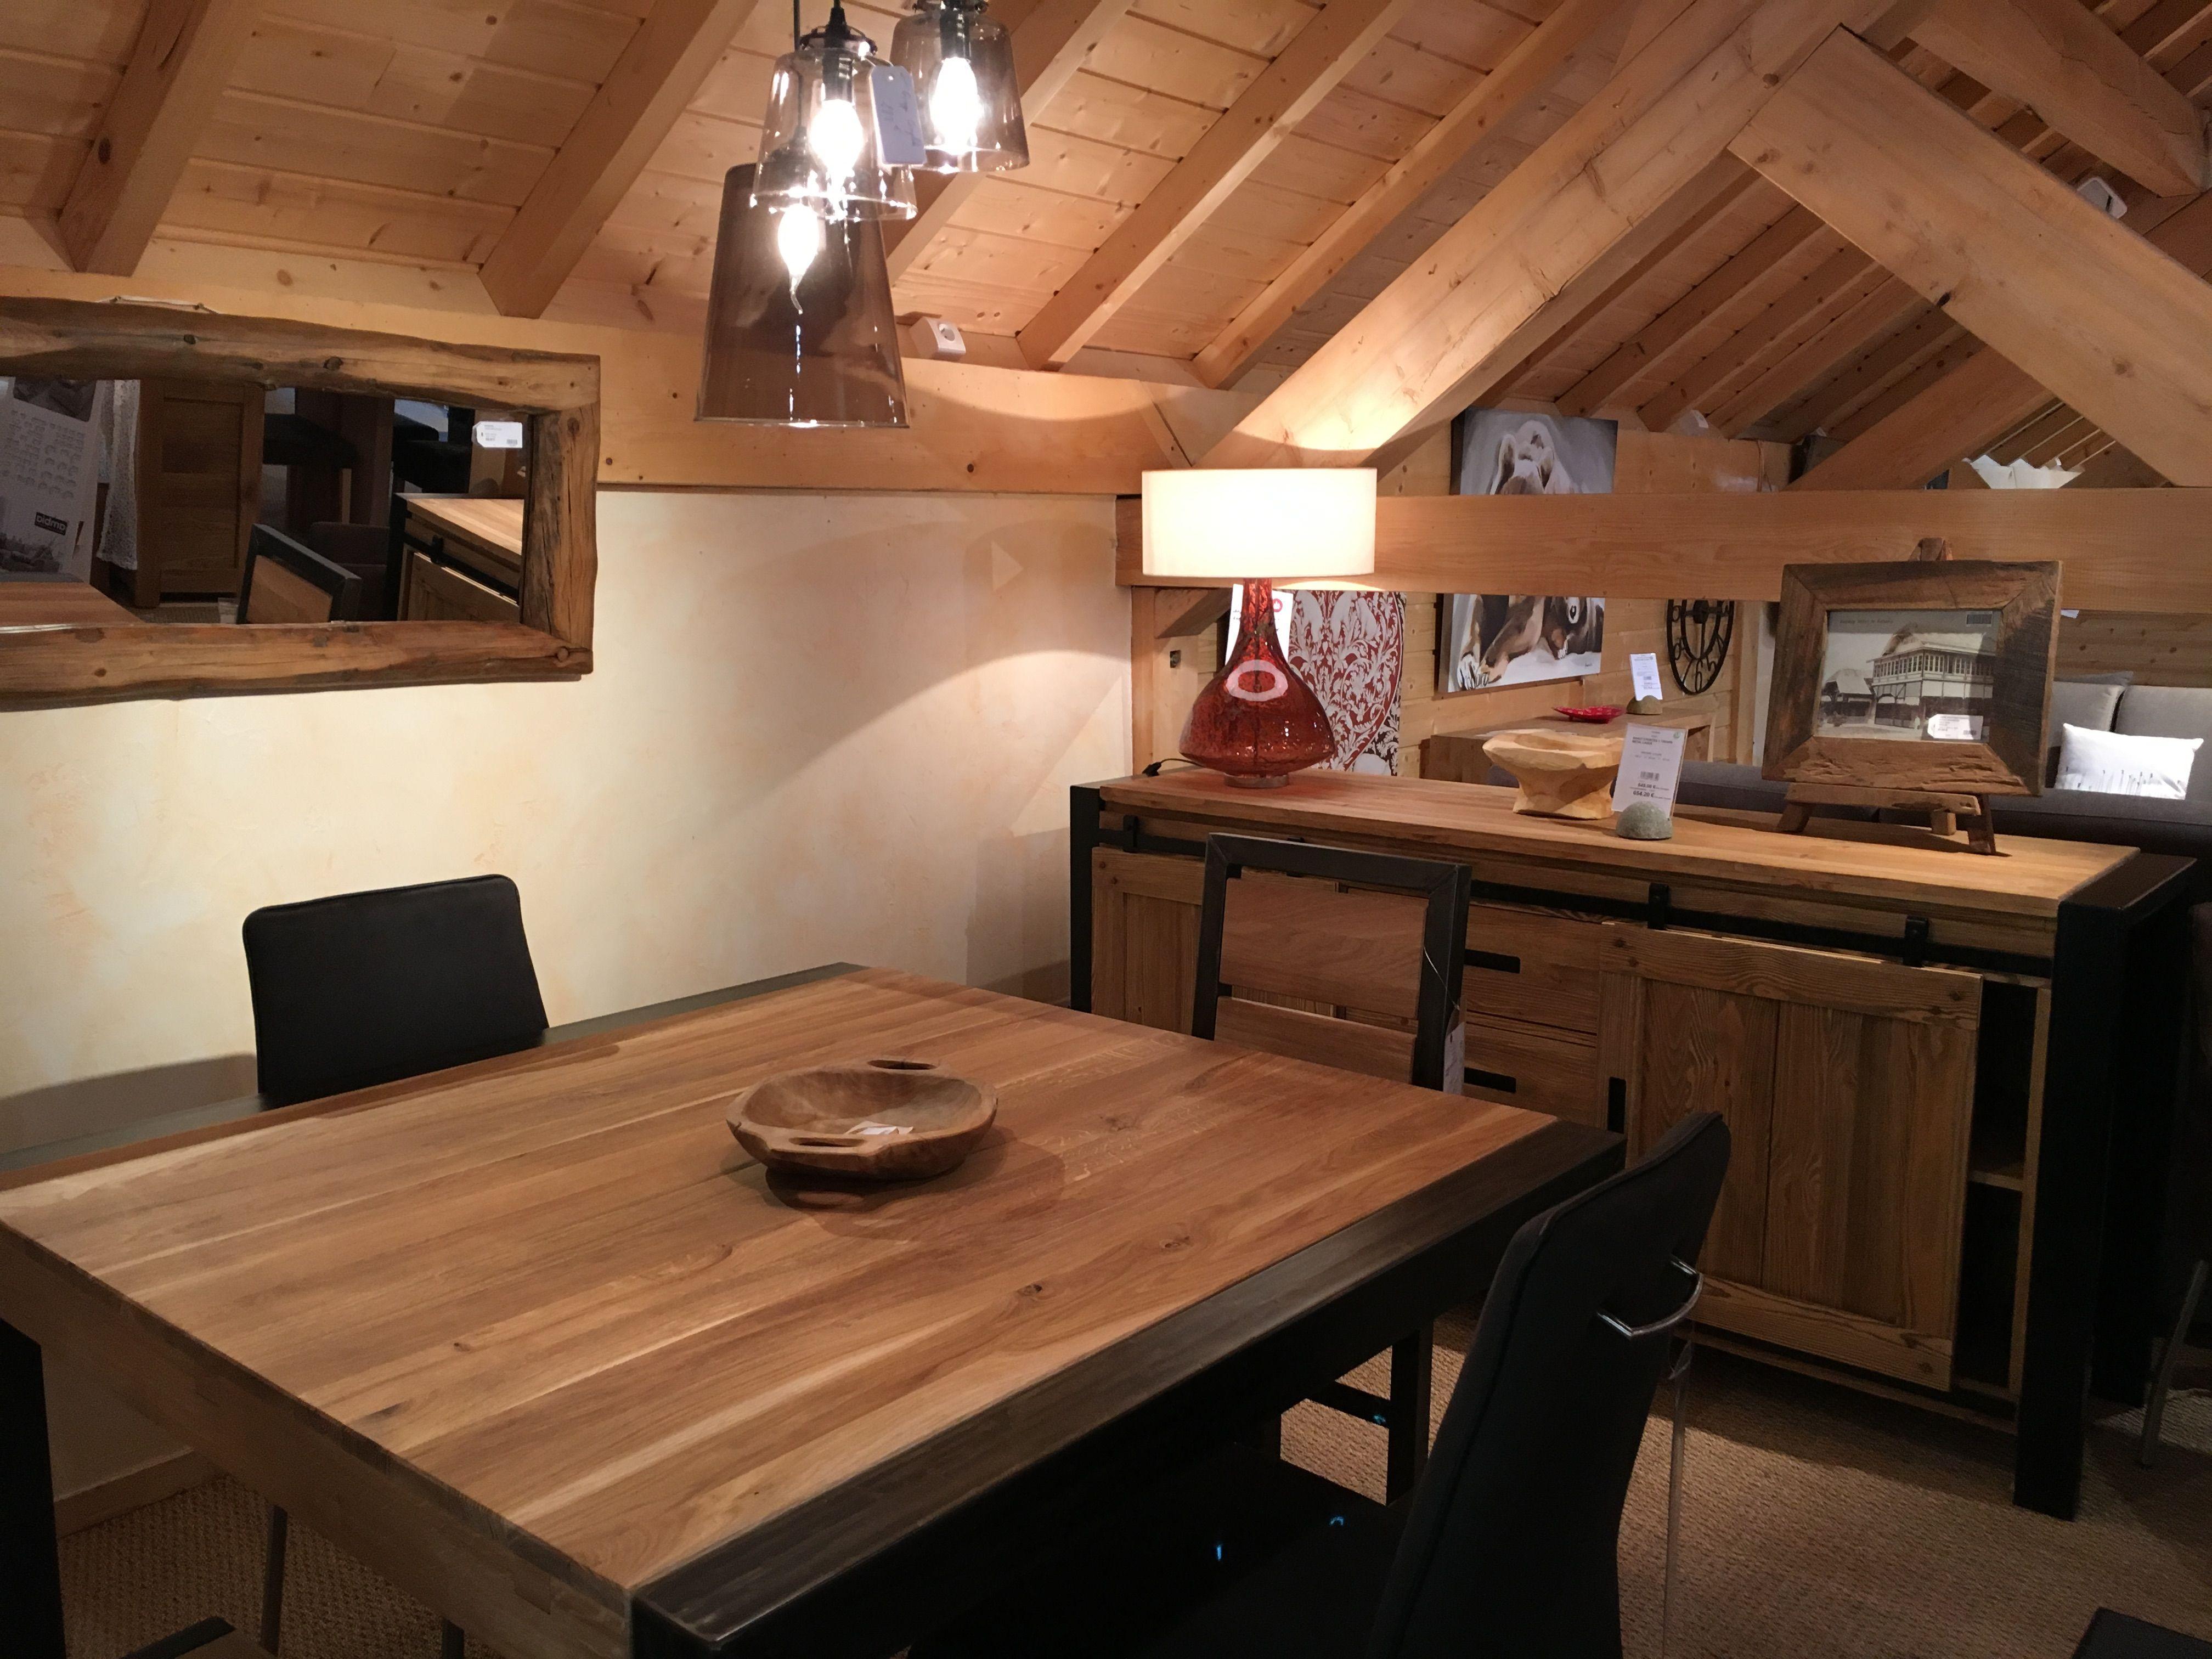 Une Belle Idee Pour Votre Salle A Manger Au Style Chaleureux Et Contemporain Du Chene Huile Ou Du Pin Cire Mel Mobilier De Salon Salle A Manger Deco Montagne